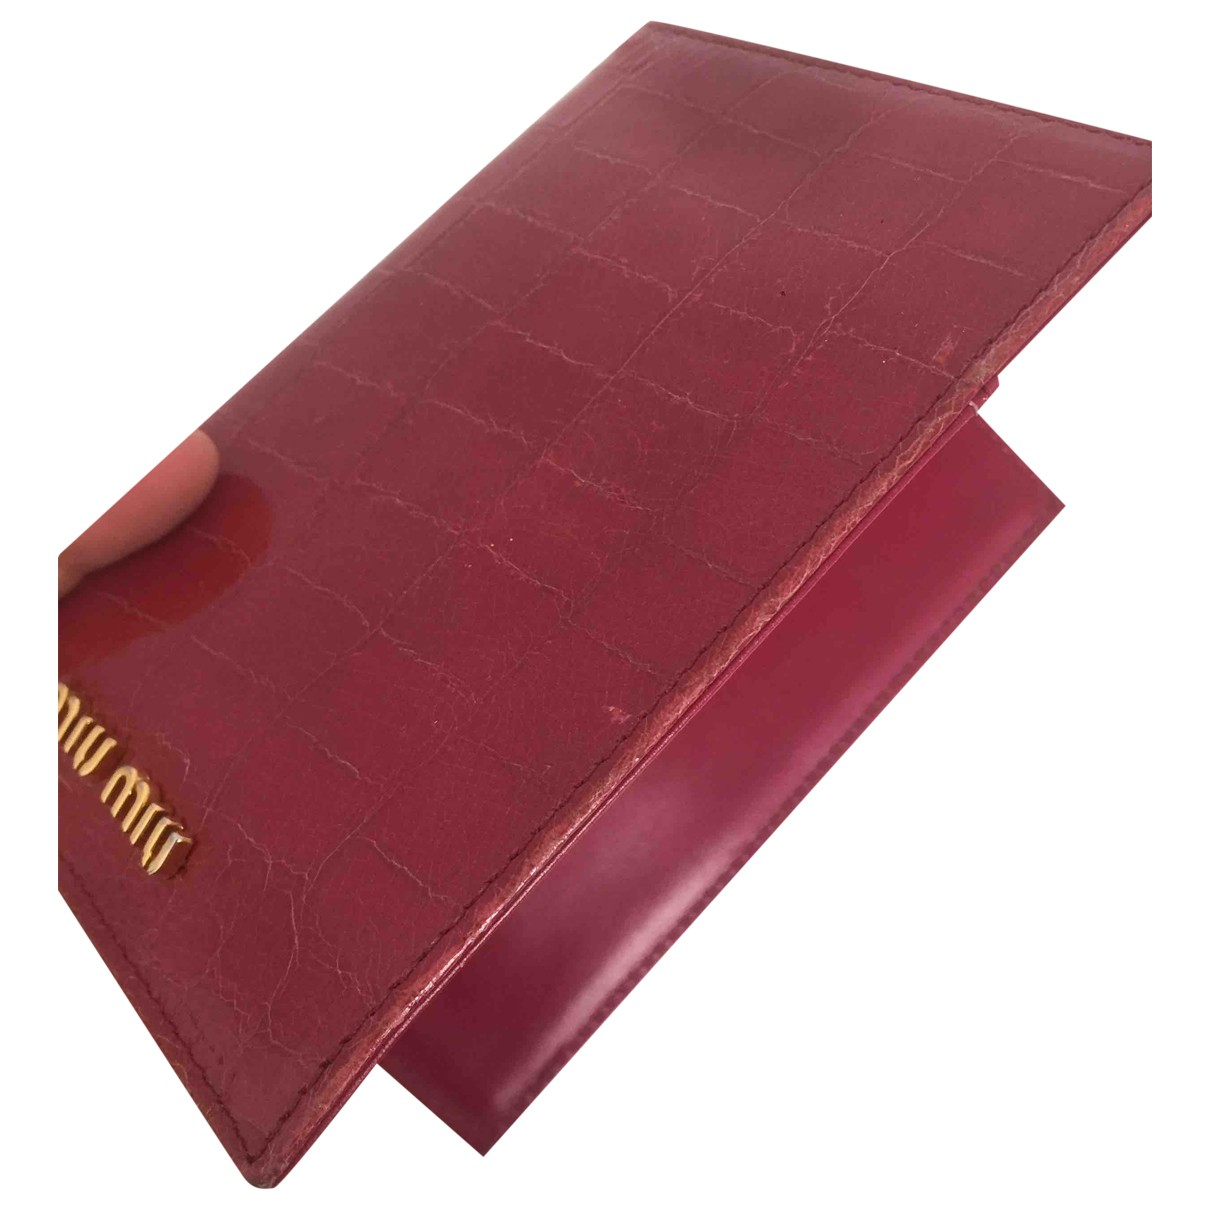 Miu Miu \N Burgundy Leather Purses, wallet & cases for Women \N